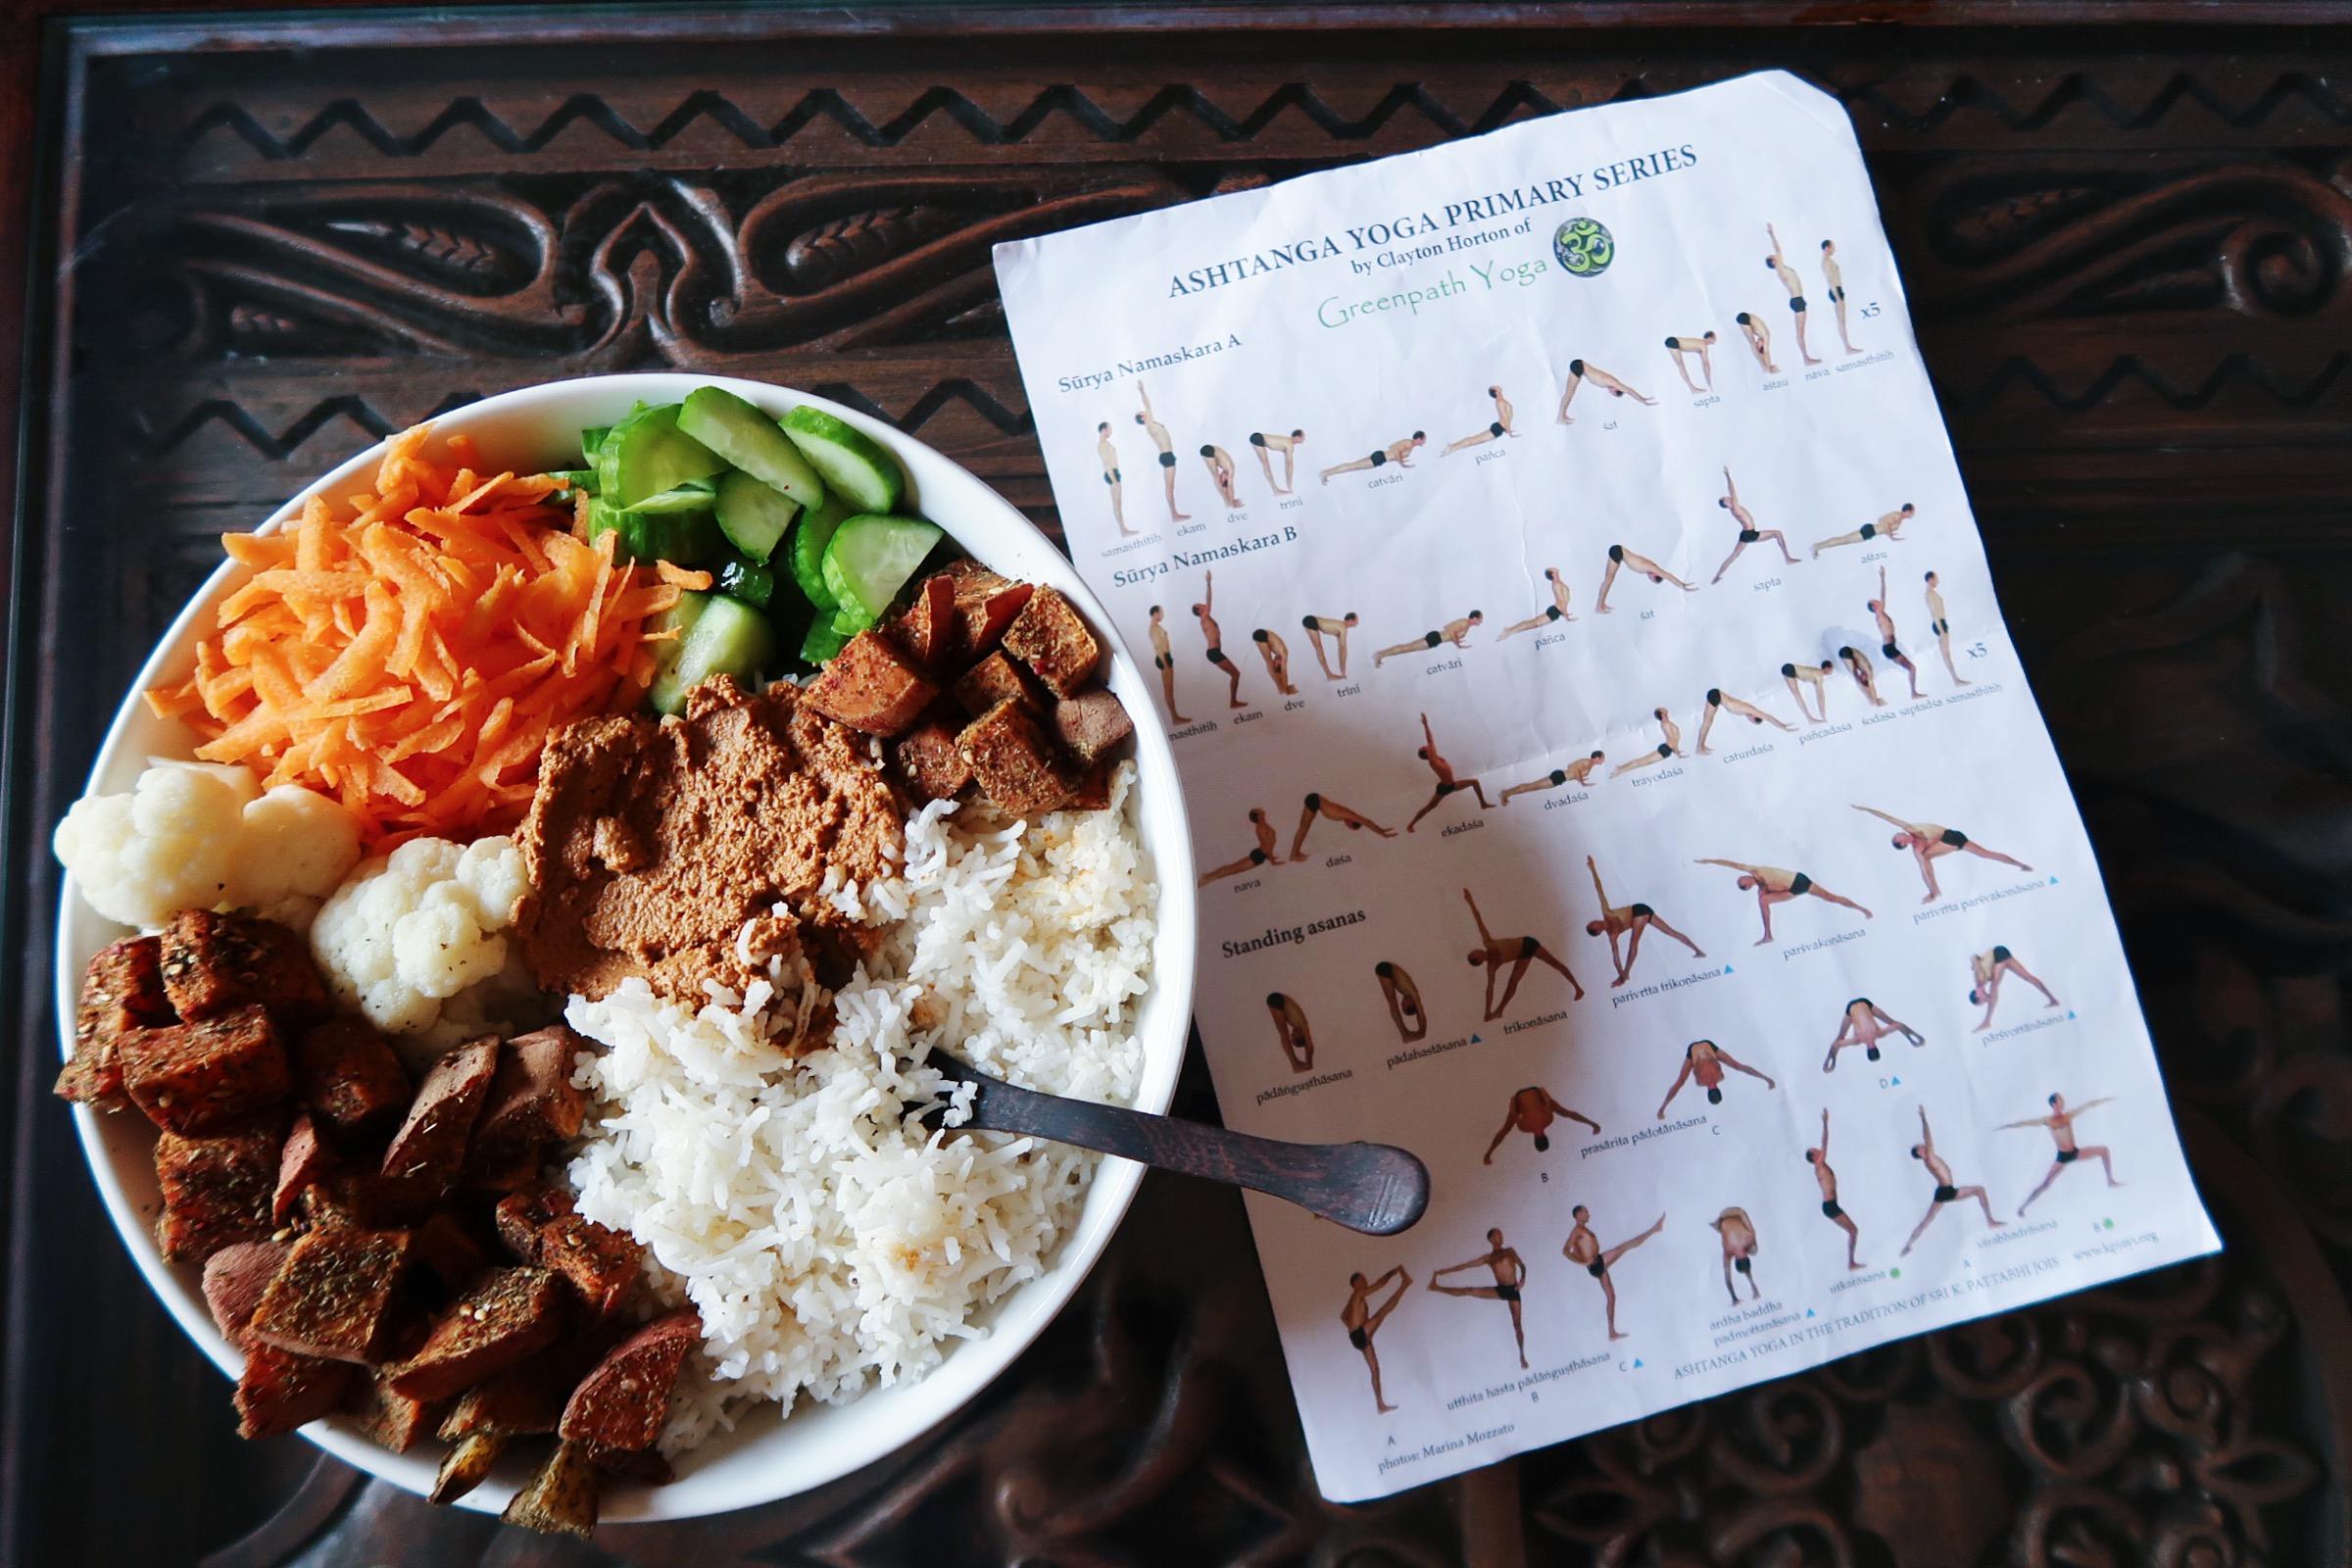 غداء متنوع و مراجعة وضعيات الاشتانغا يوغا